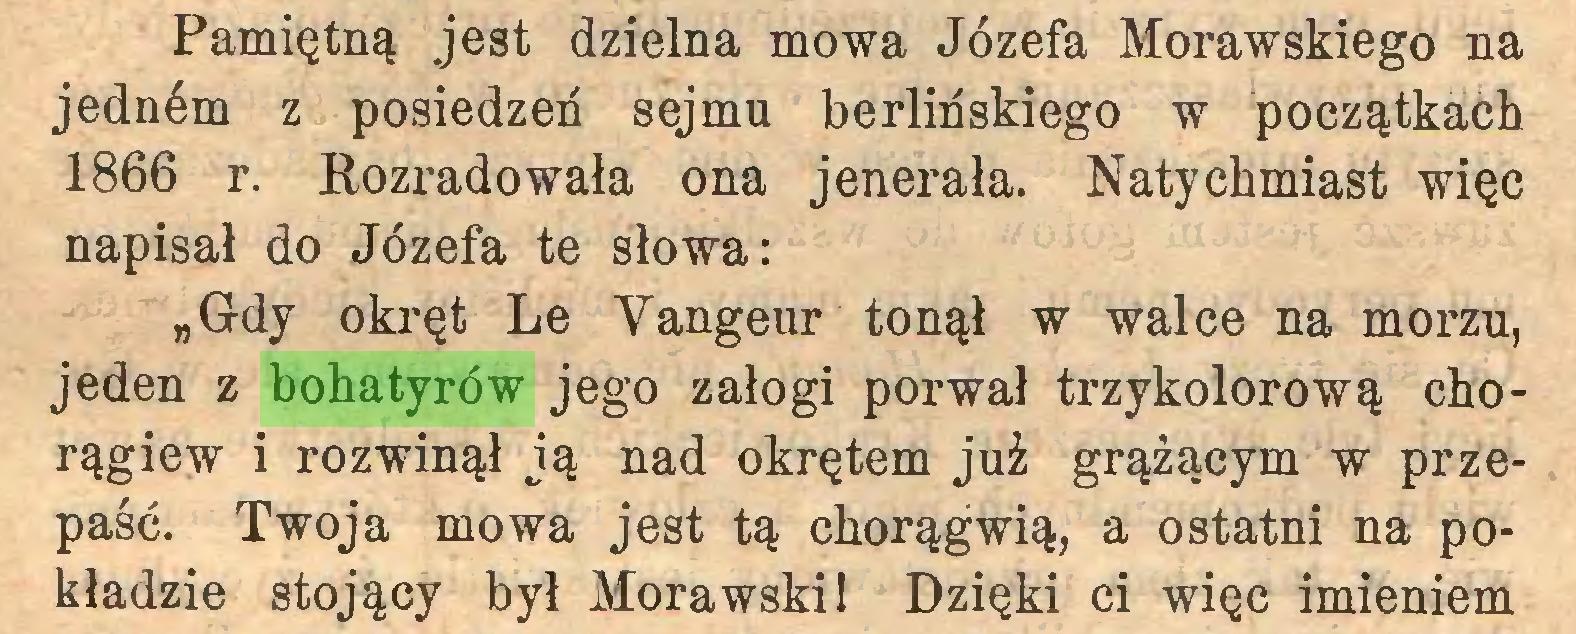 """(...) Pamiętną jest dzielna mowa Józefa Morawskiego na jednćm z posiedzeń sejmu berlińskiego w początkach 1866 r. Rozradowała ona jenerała. Natychmiast więc napisał do Józefa te słowa: """"Gdy okręt Le Yangeur tonął w walce na morzu, jeden z bohatyrów jego załogi porwał trzykolorową chorągiew i rozwinął ją nad okrętem już grążącym w przepaść. Twoja mowa jest tą chorągwią, a ostatni na pokładzie stojący był Morawski! Dzięki ci więc imieniem..."""